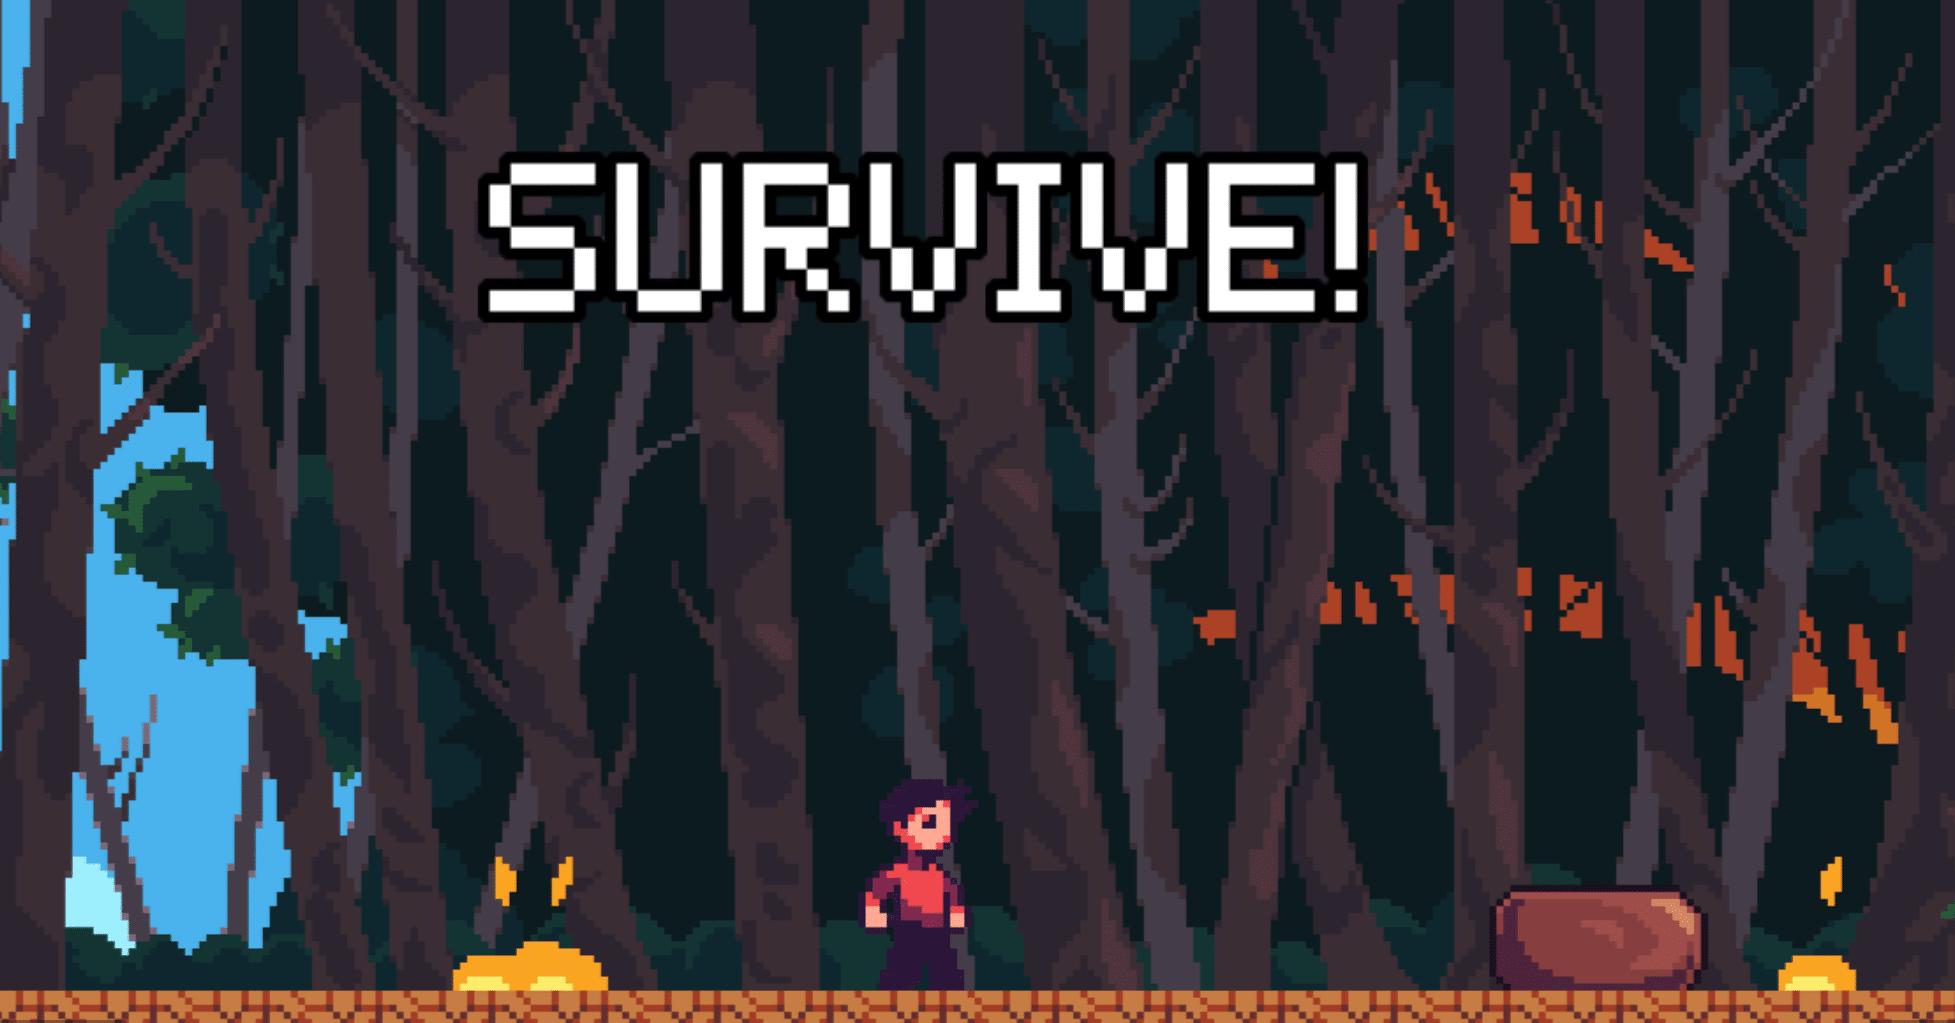 2020 the game le jeu australie feu survie aventure pixel art